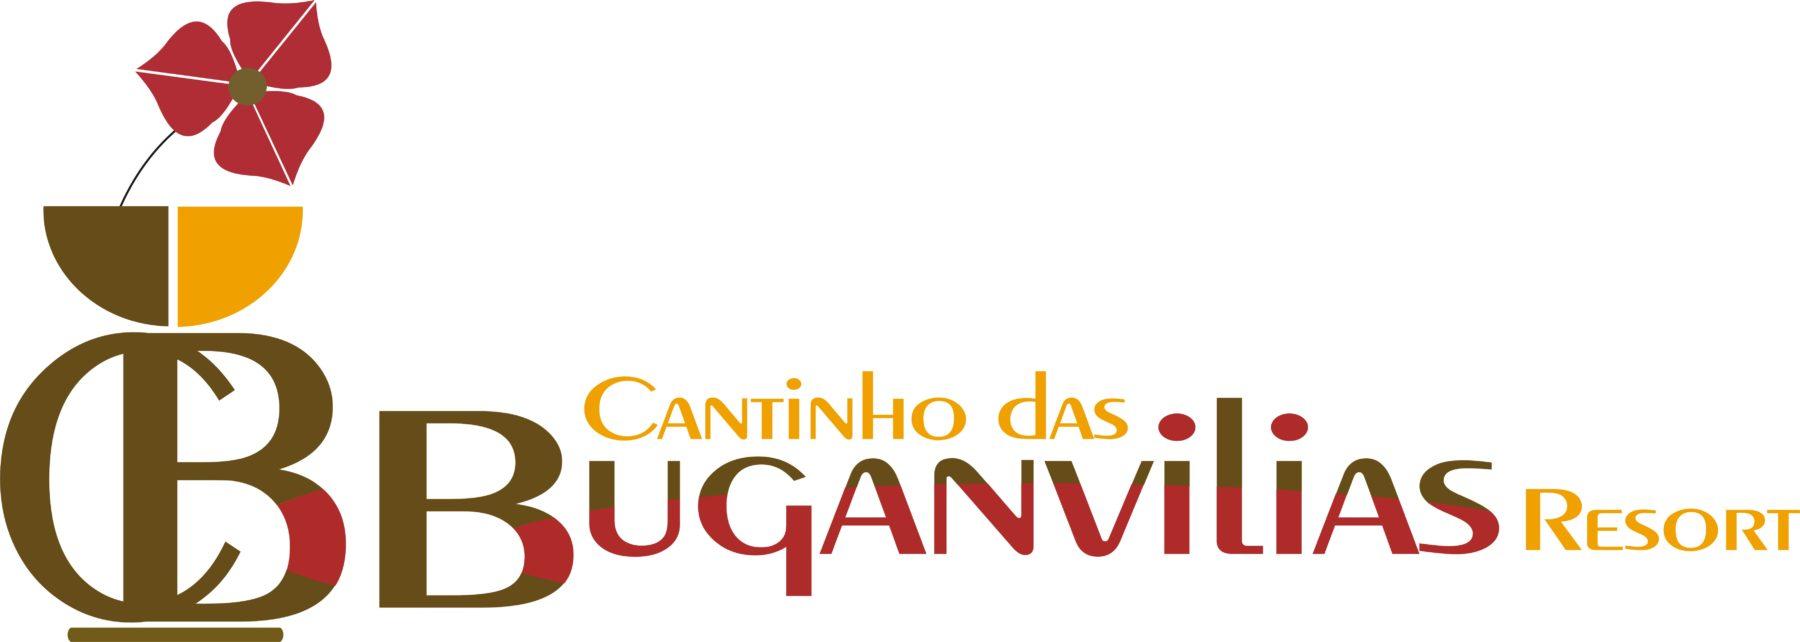 Cantinho das Buganvílias Resort